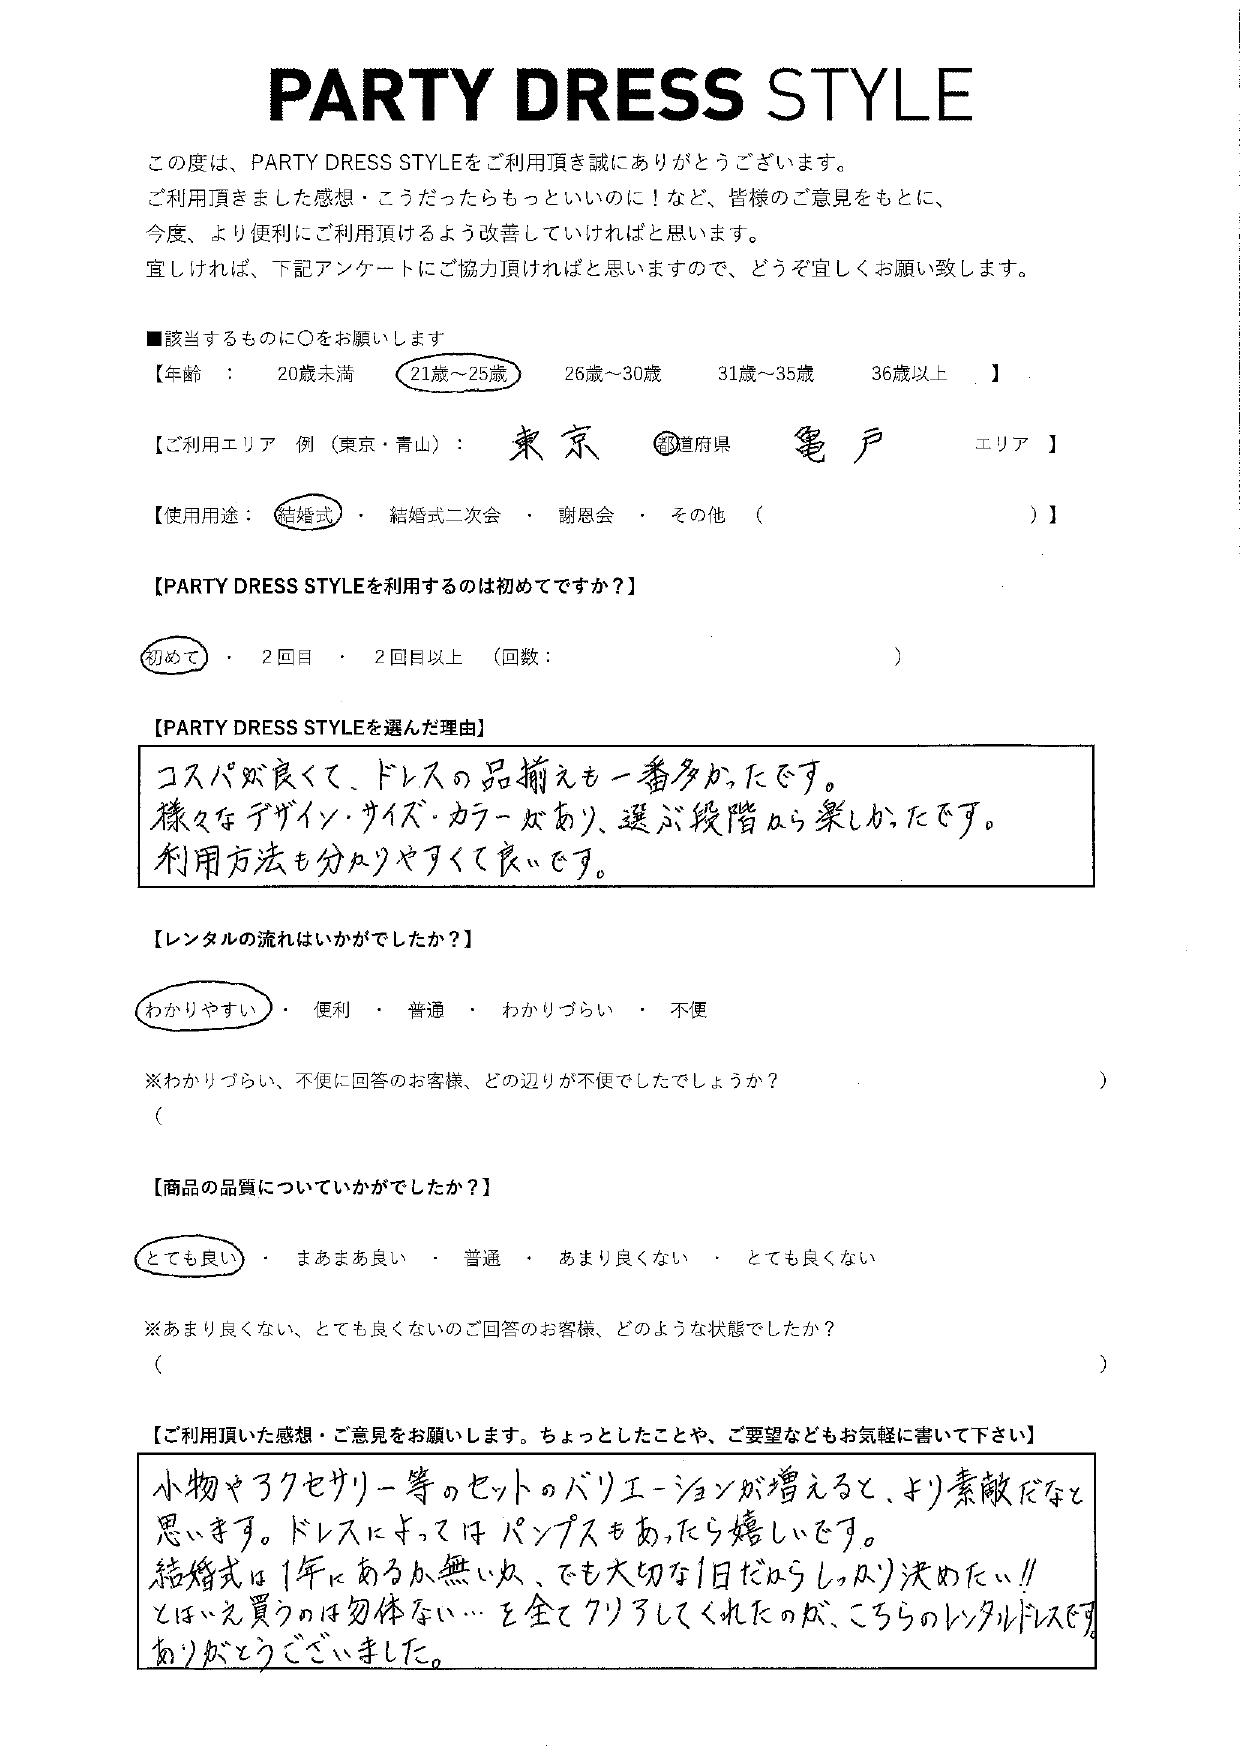 9/5結婚式ご利用 東京・亀戸エリア